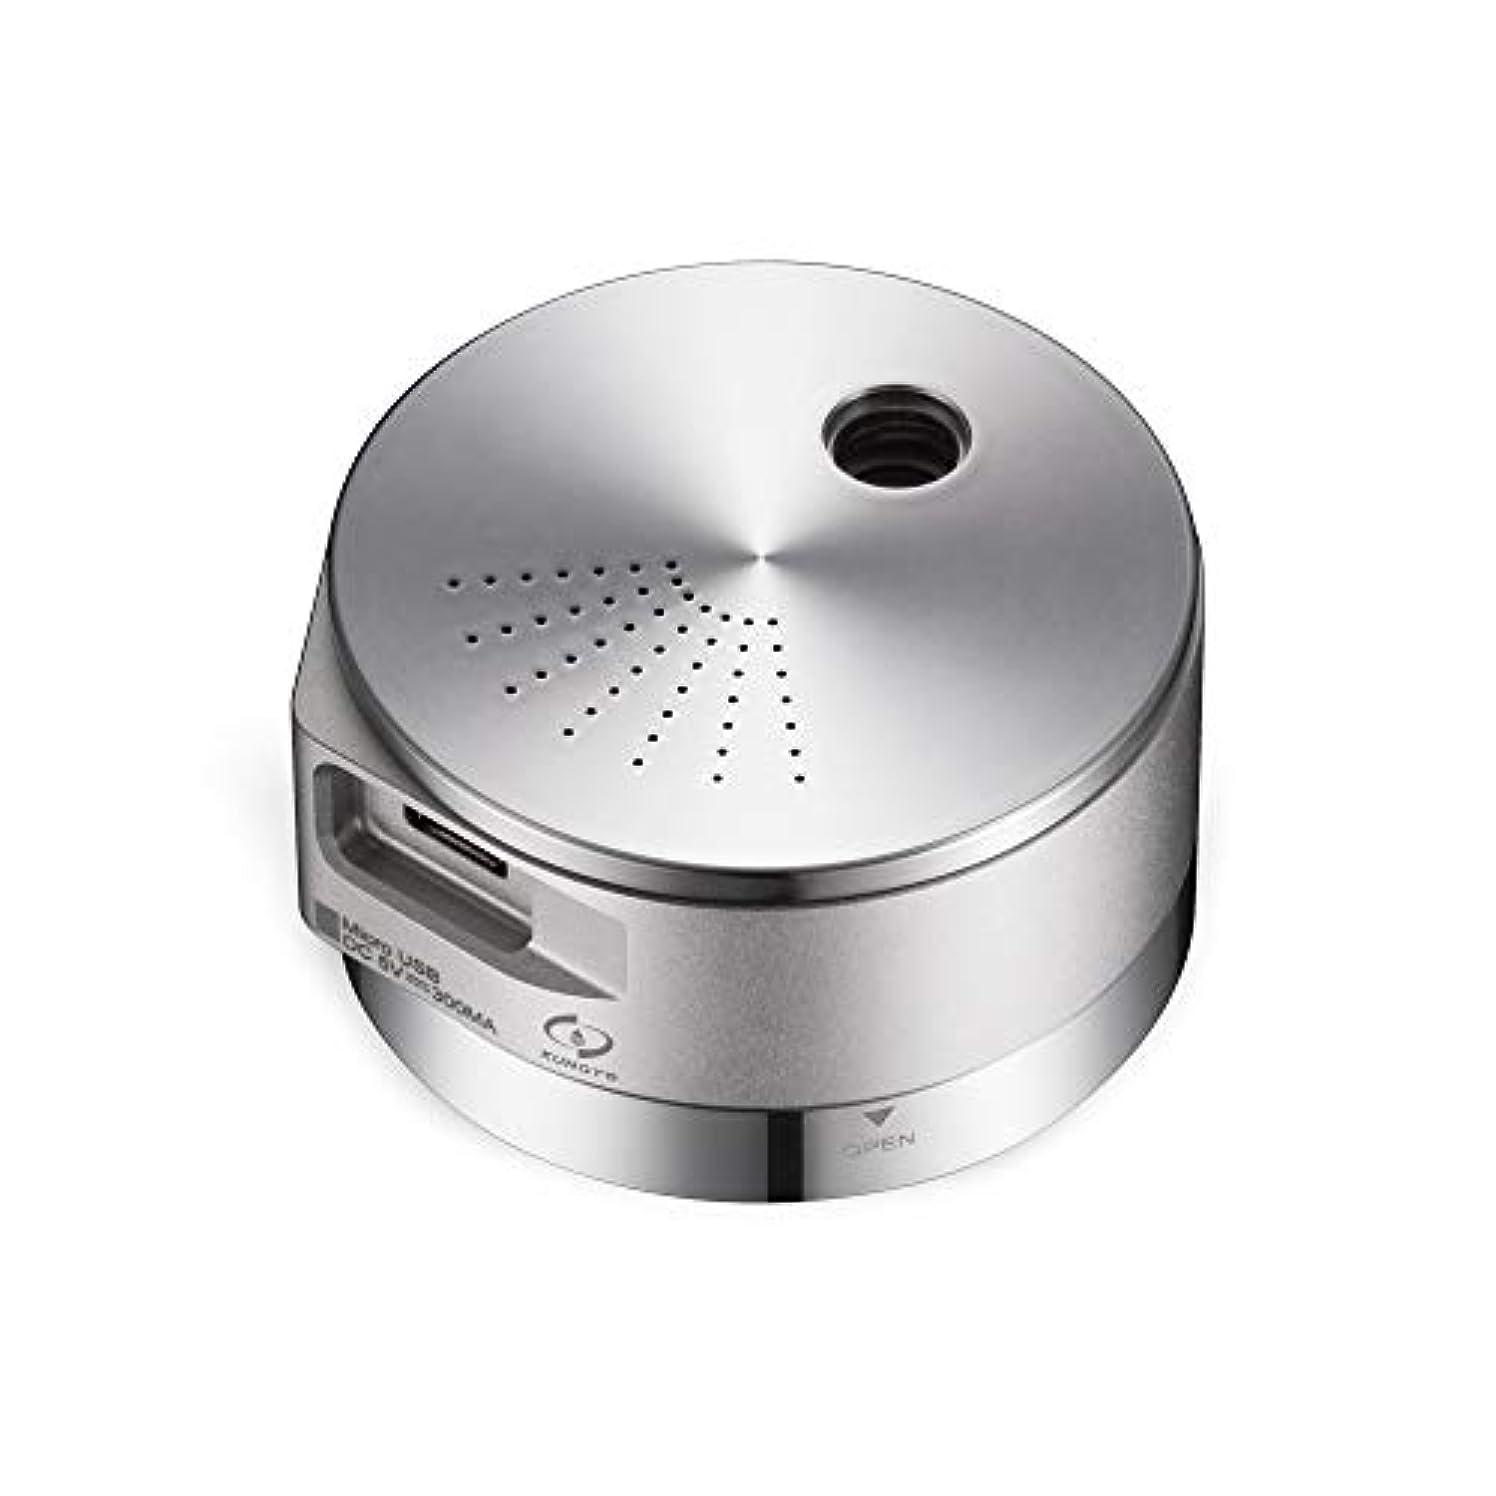 アスリート合図永遠にミニ加湿器 - ポータブルエッセンシャルオイルディフューザー、USBチャージ、自動シャットオフアロマディフューザー(アルミ、25ml) 141[並行輸入]